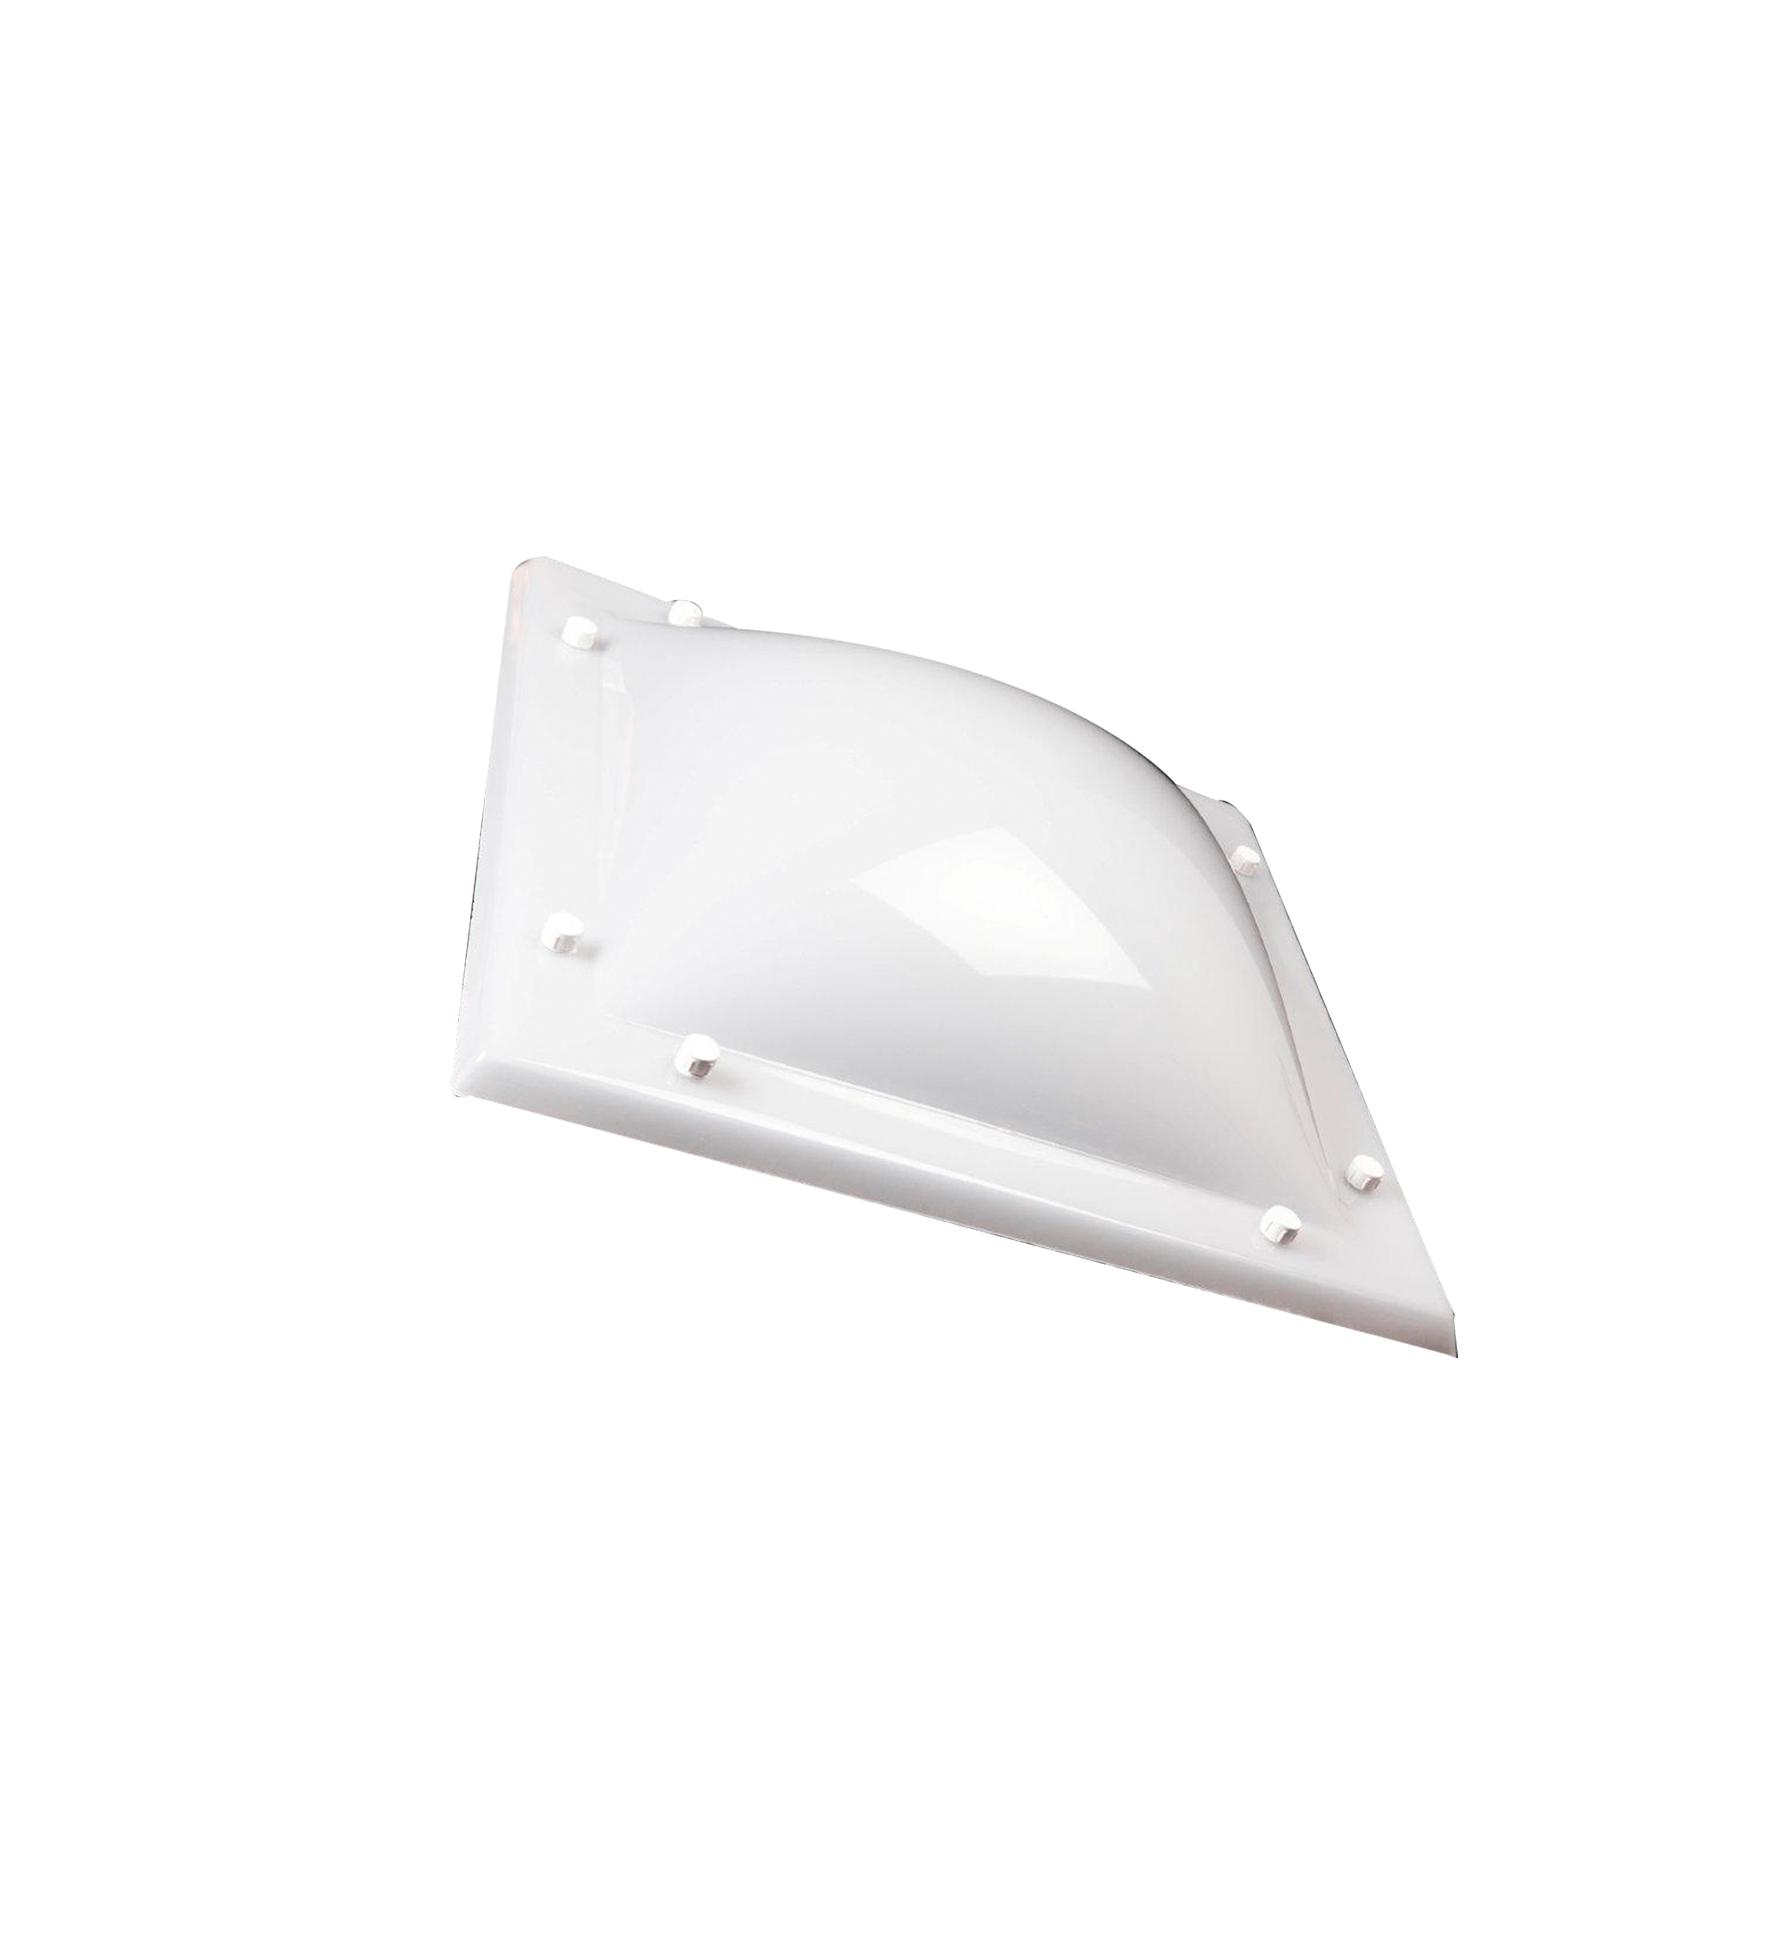 Cúpula parabólica de metacrilato de colada, color blanco hielo